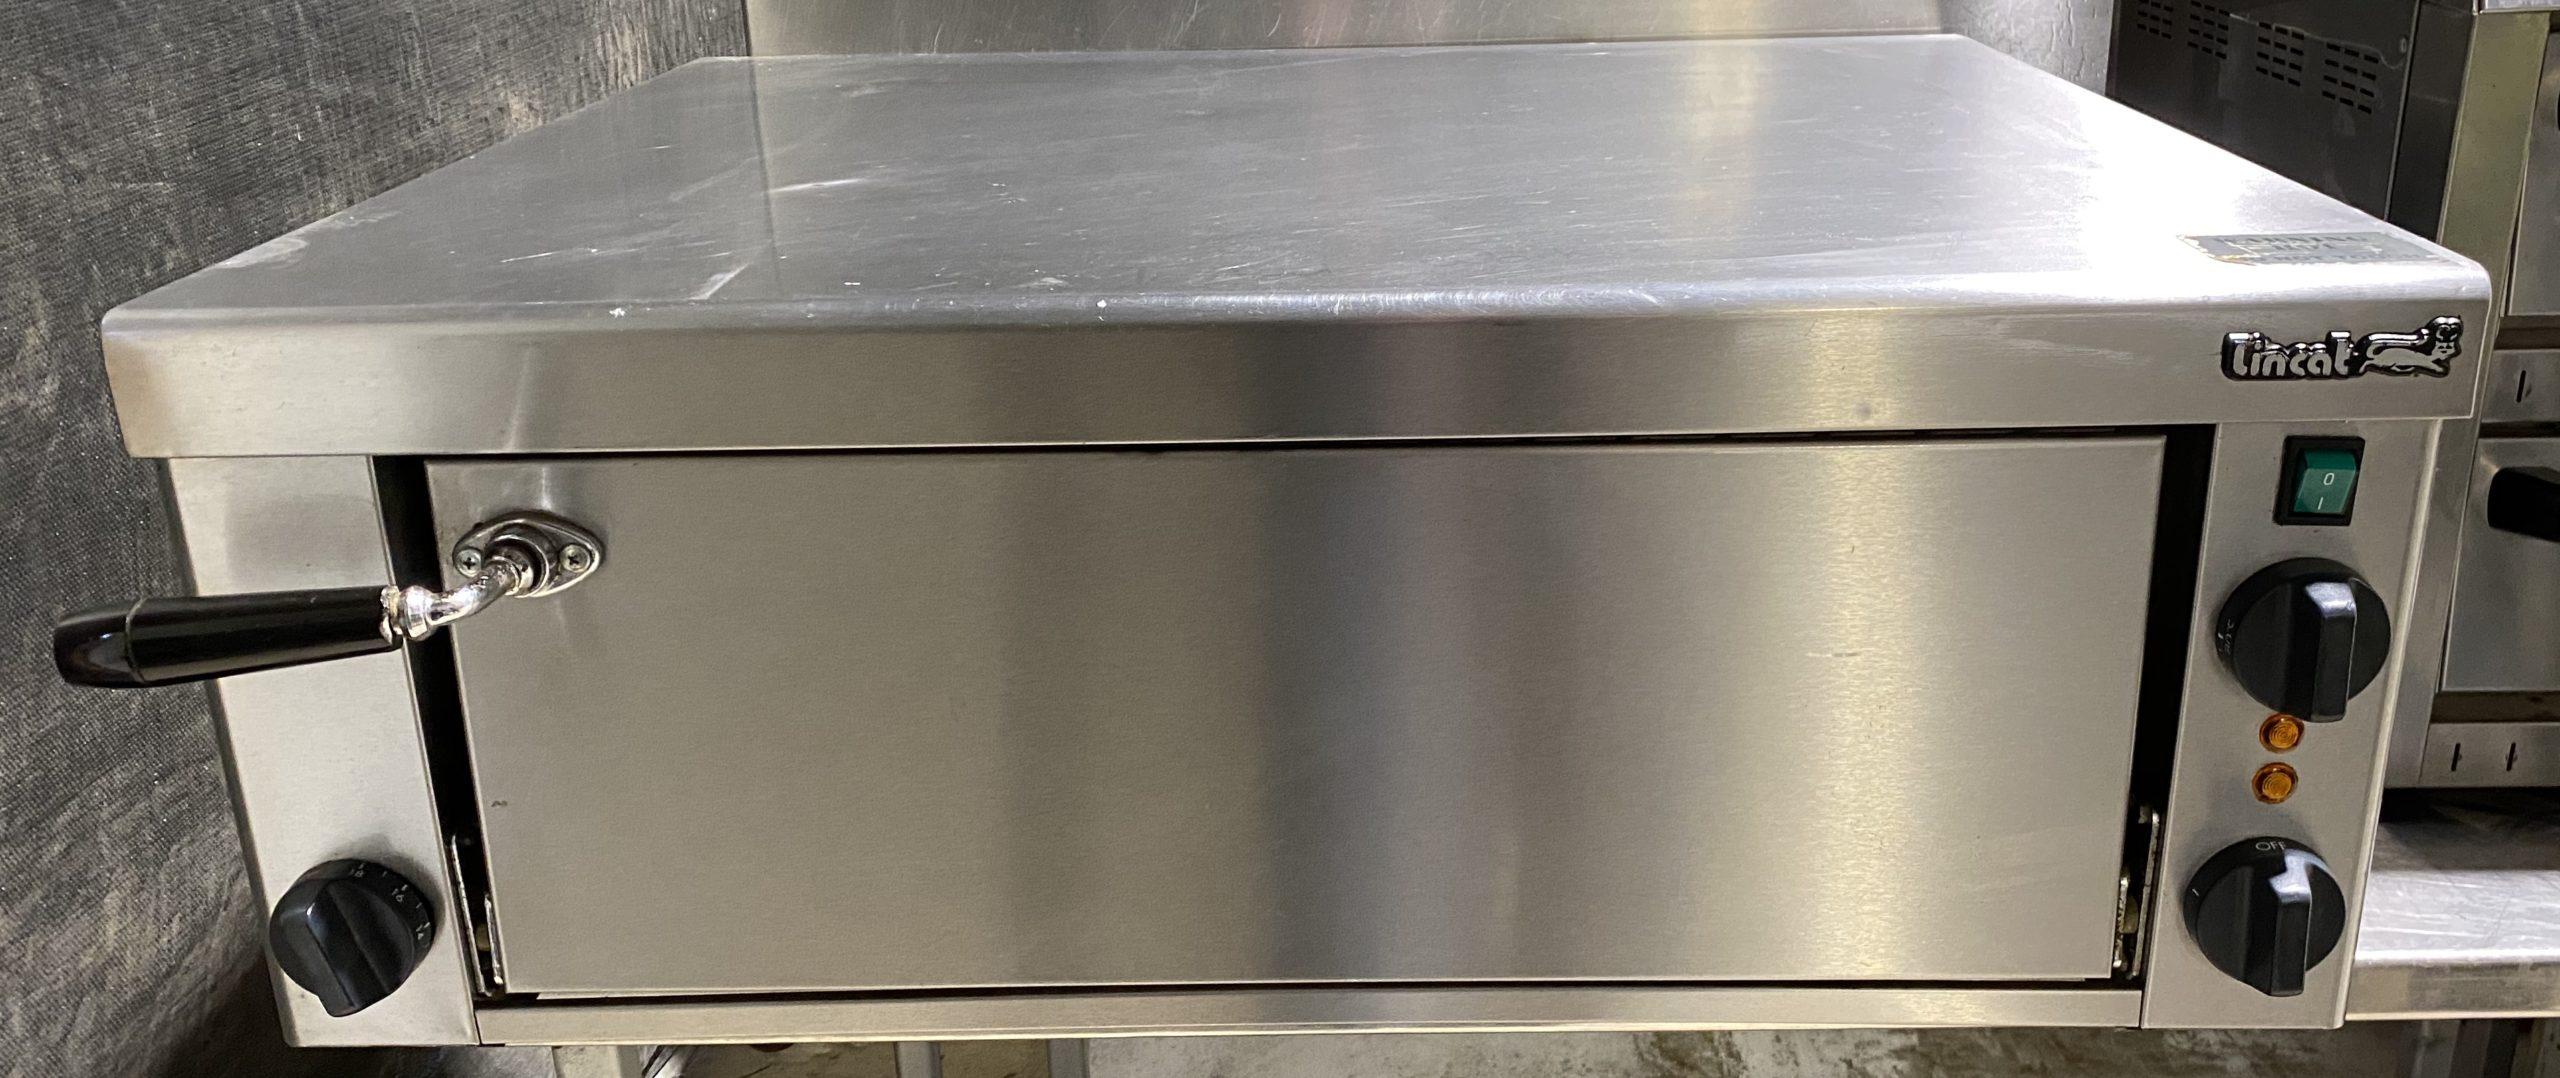 LINCAT PO49X Single Deck Electric Piuzza Oven